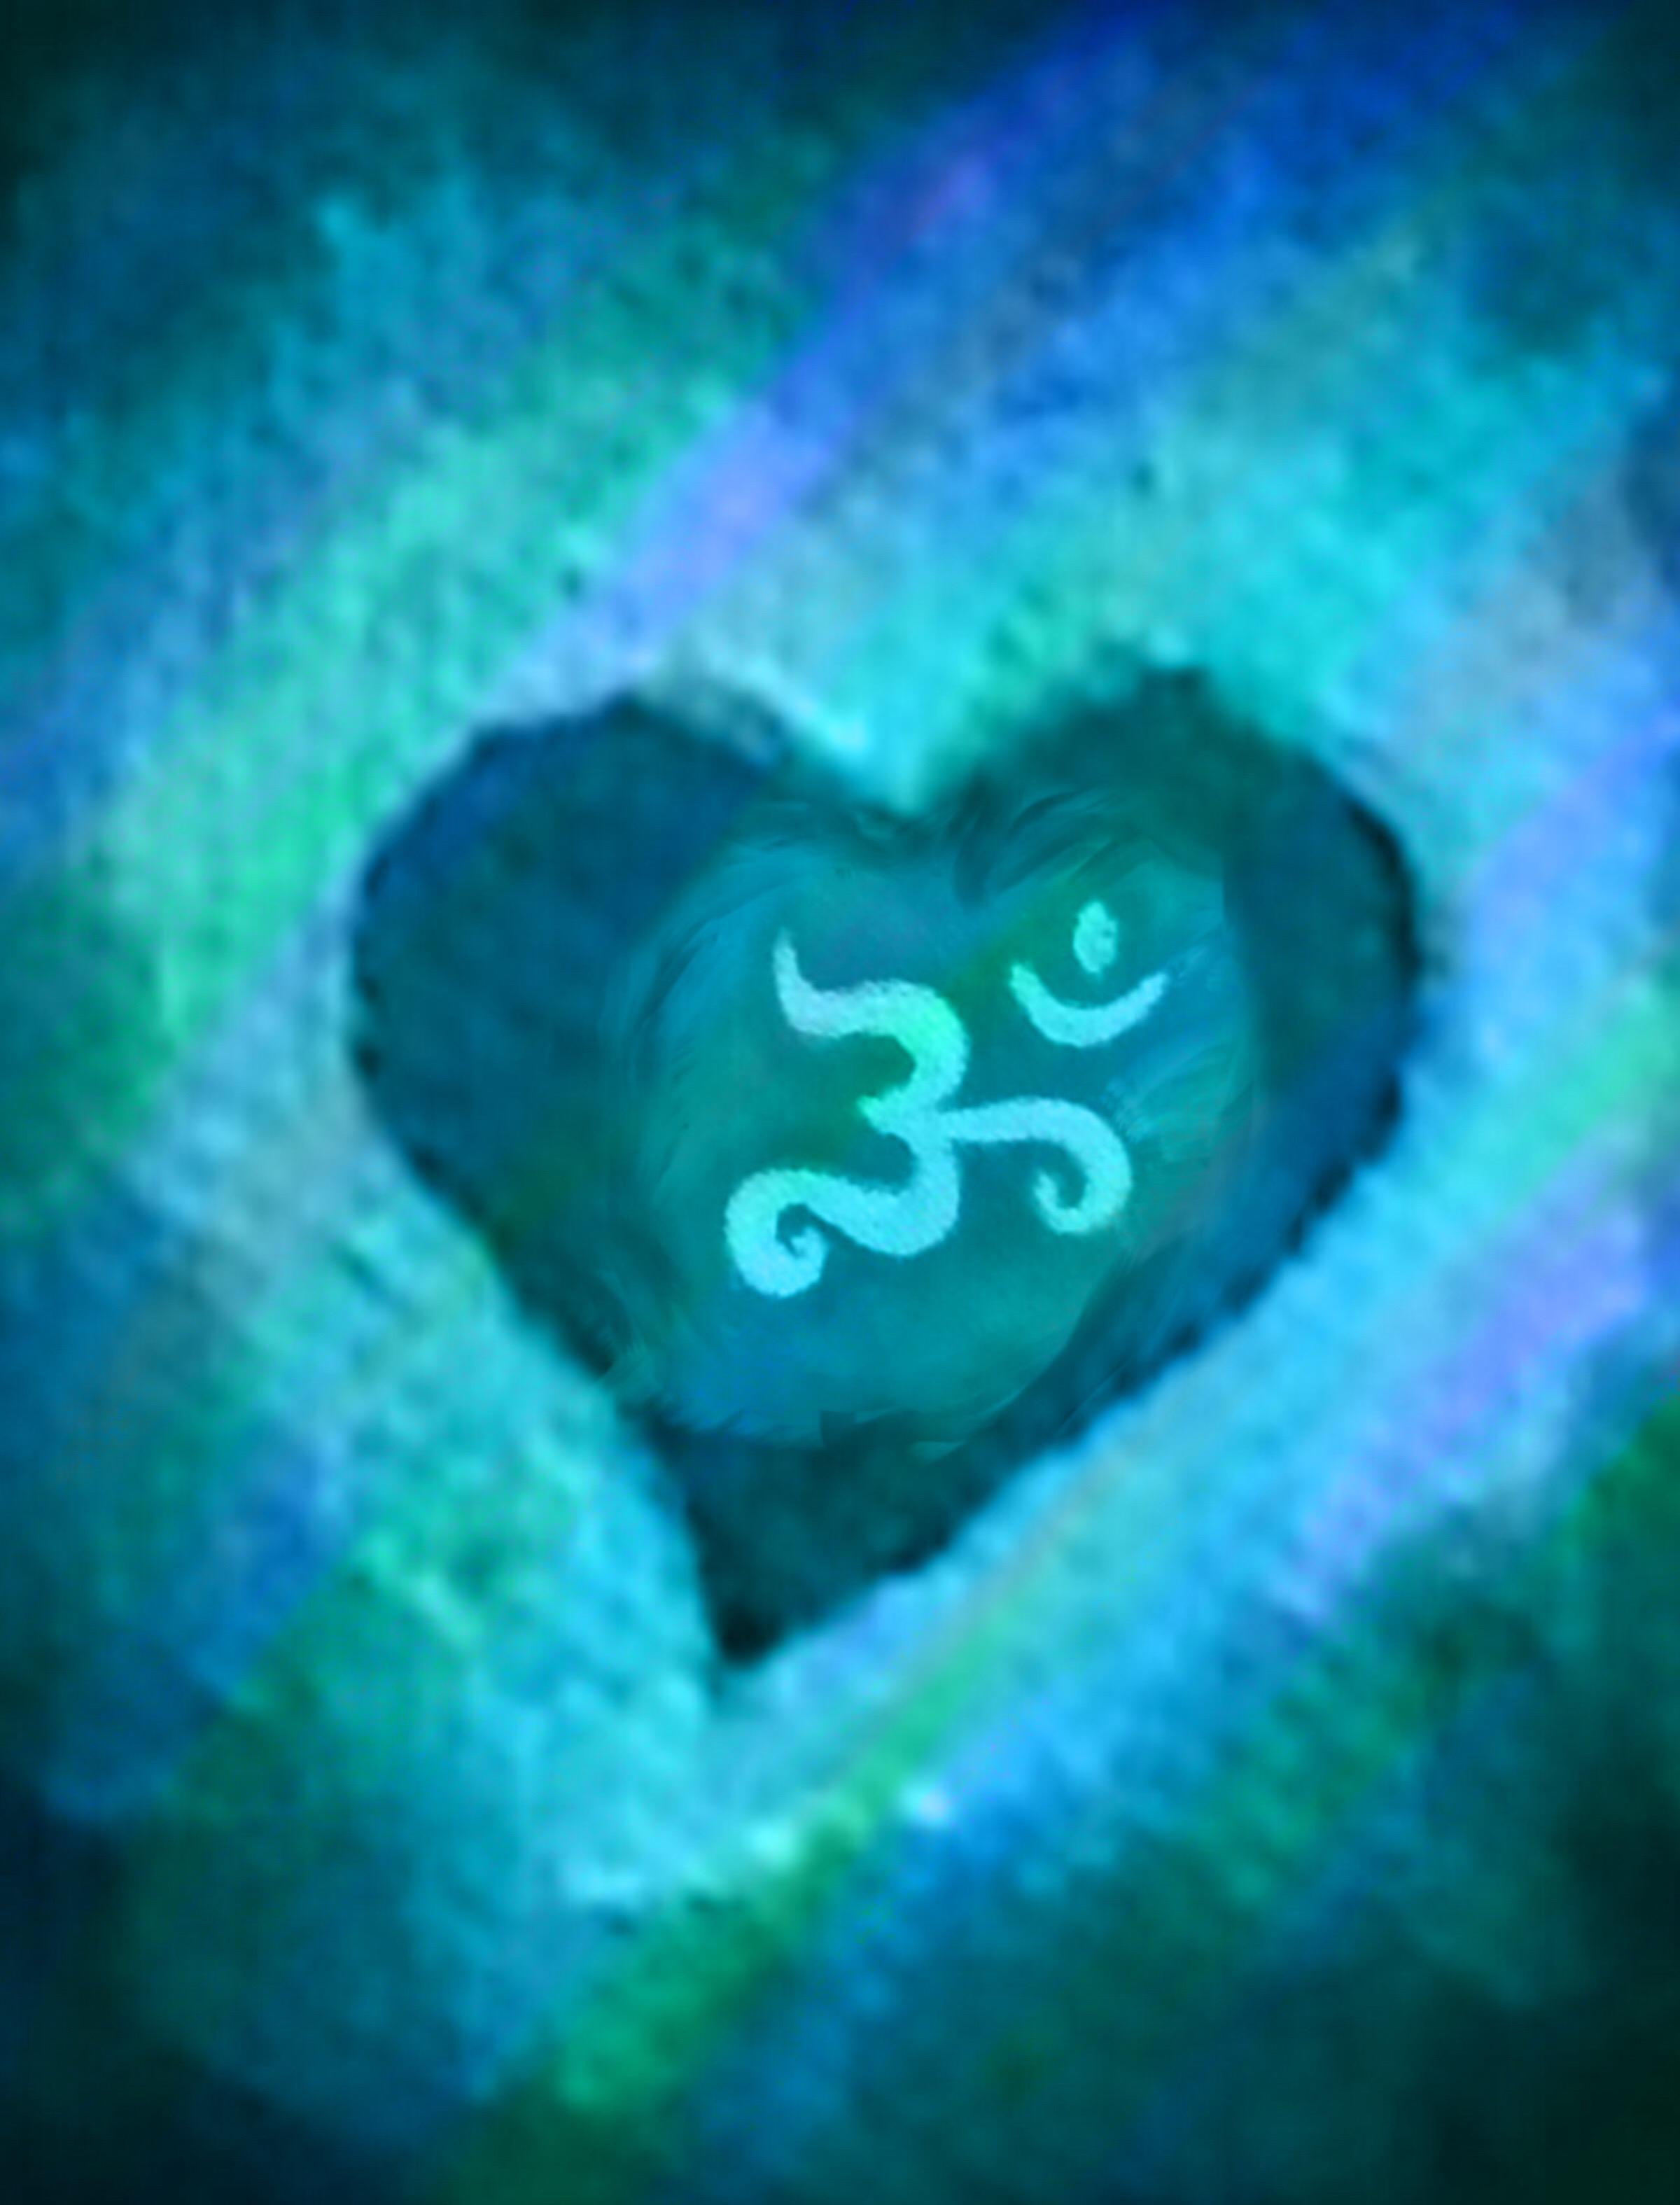 Blue Om & Heart - art by Hilary Oak